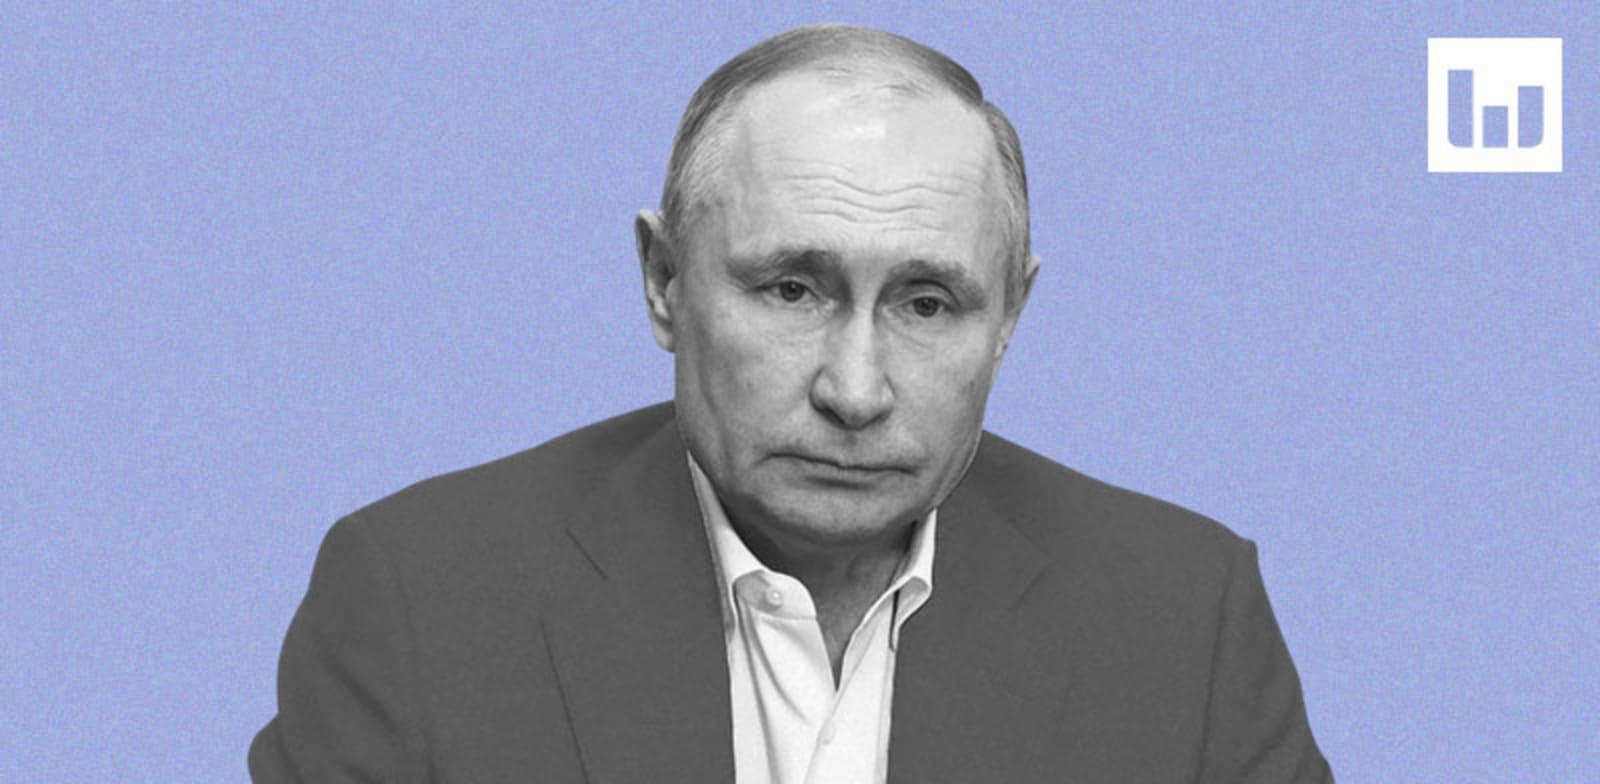 ולדימיר פוטין, נשיא רוסיה / צילום: Associated Press, Alexei Druzhinin